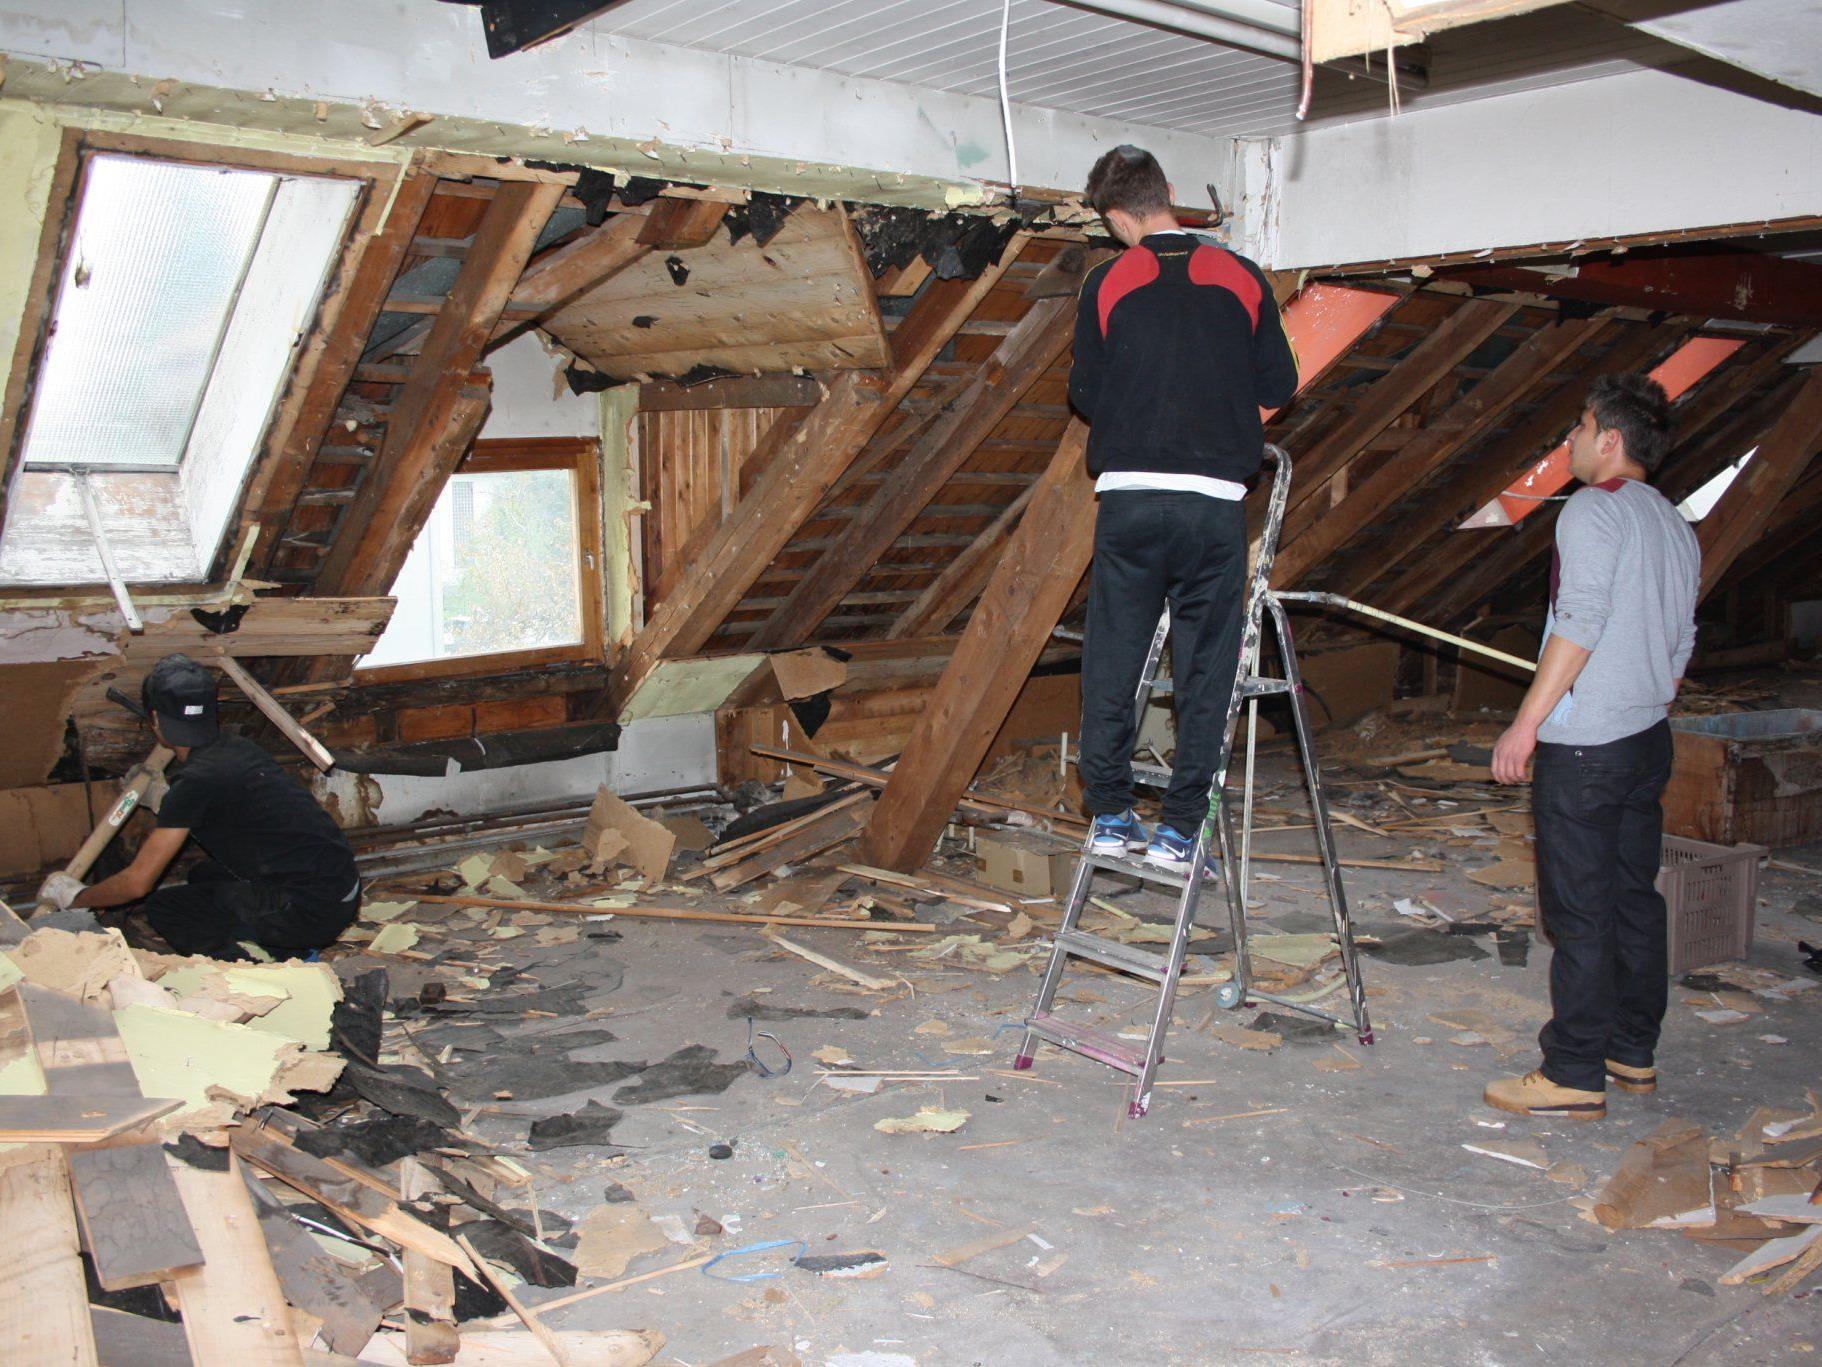 Die Jugendlichen halfen, den Dachboden auszuräumen